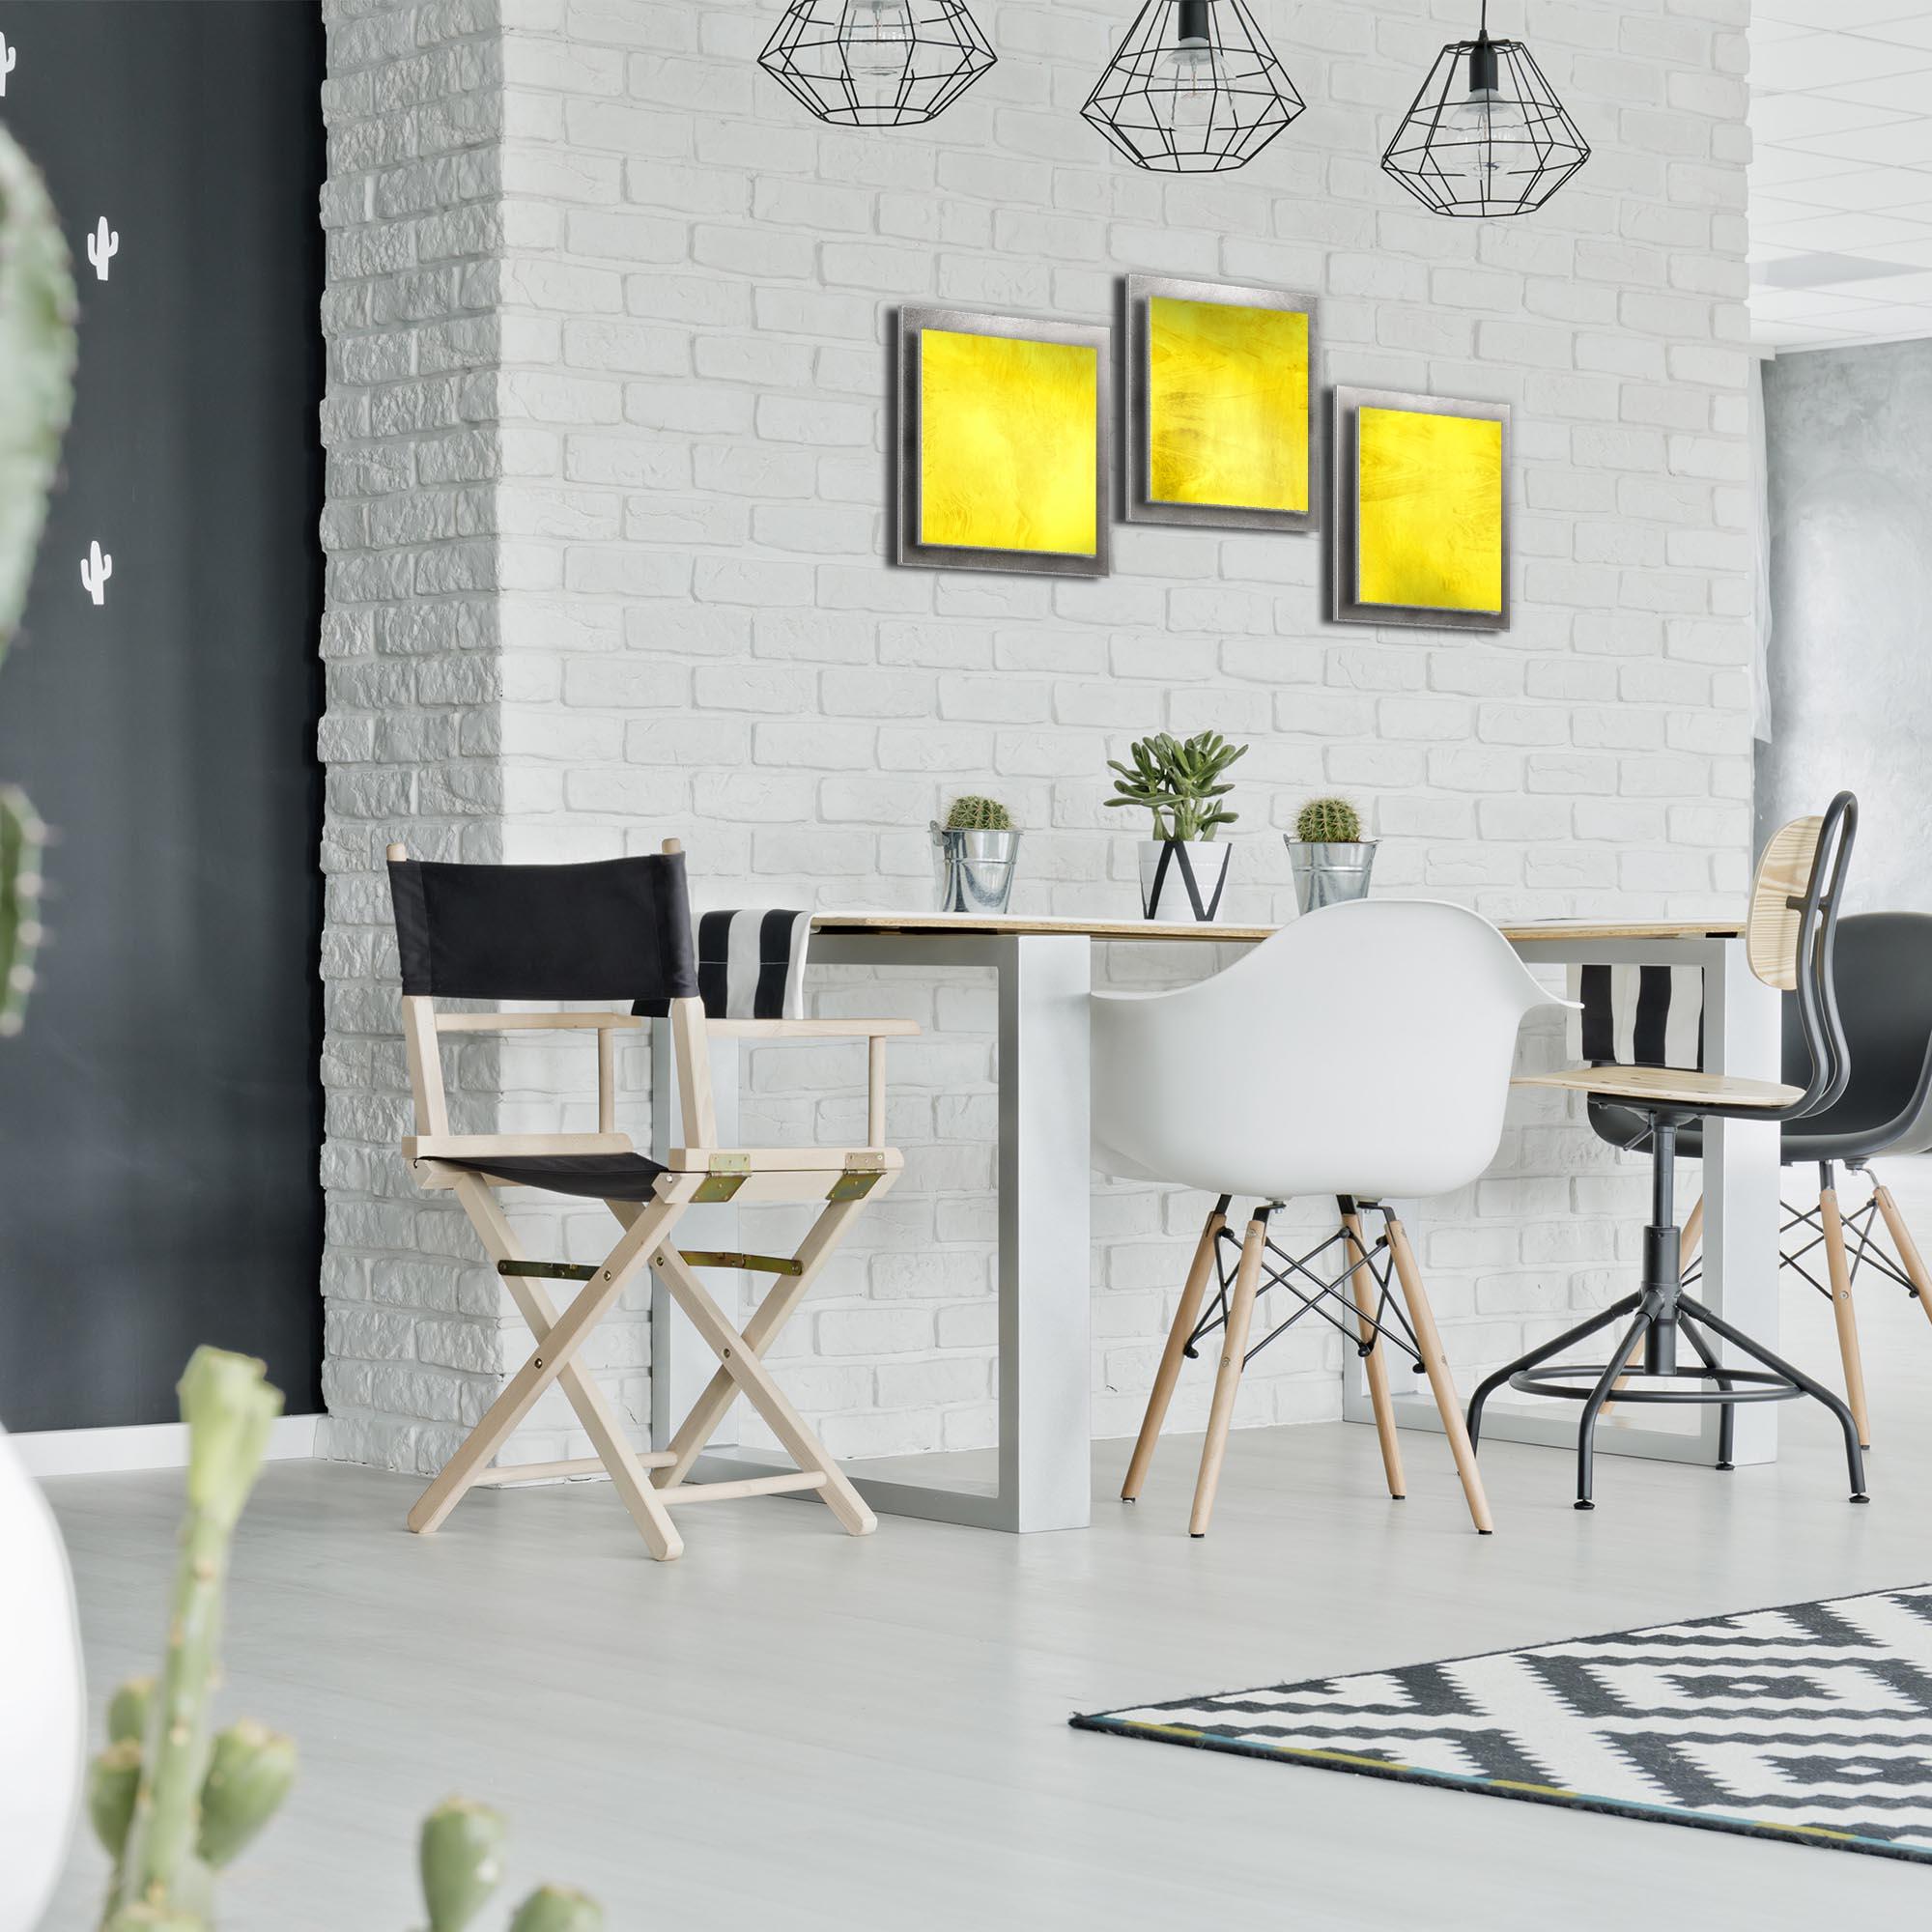 Yellow Essence - Layered Modern Metal Wall Art - Lifestyle Image